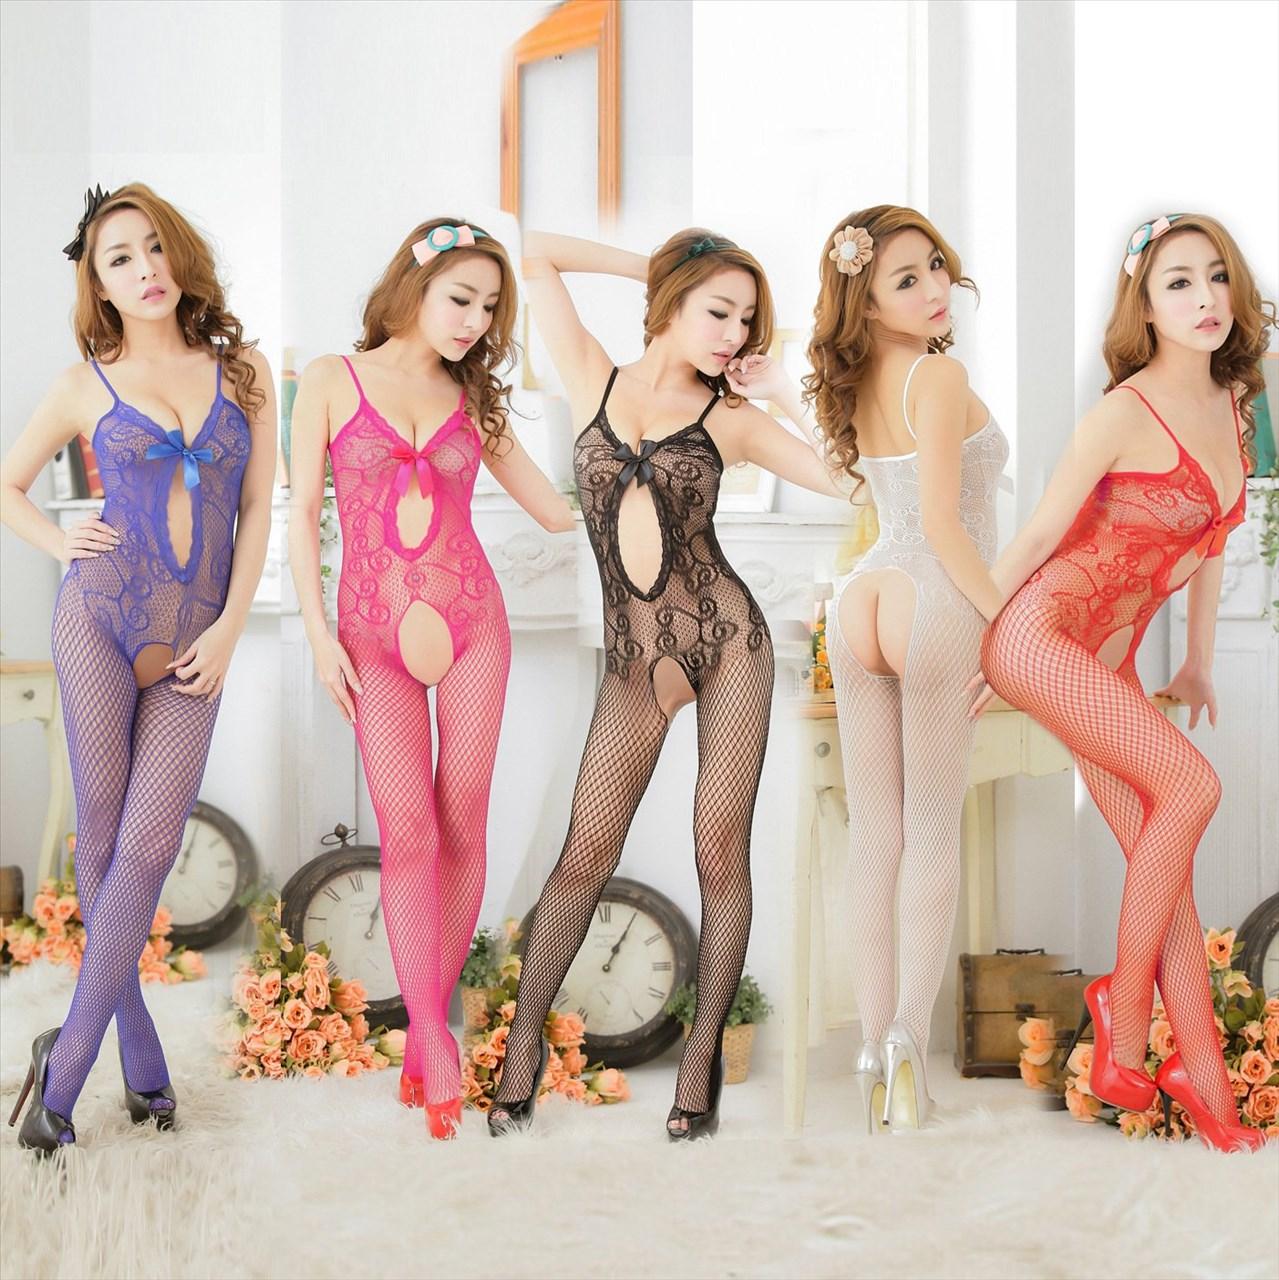 W1228 新款情趣網衣 性感蕾絲鑲邊吊帶前鏤空 螺紋提花連身絲襪貓裝網衣